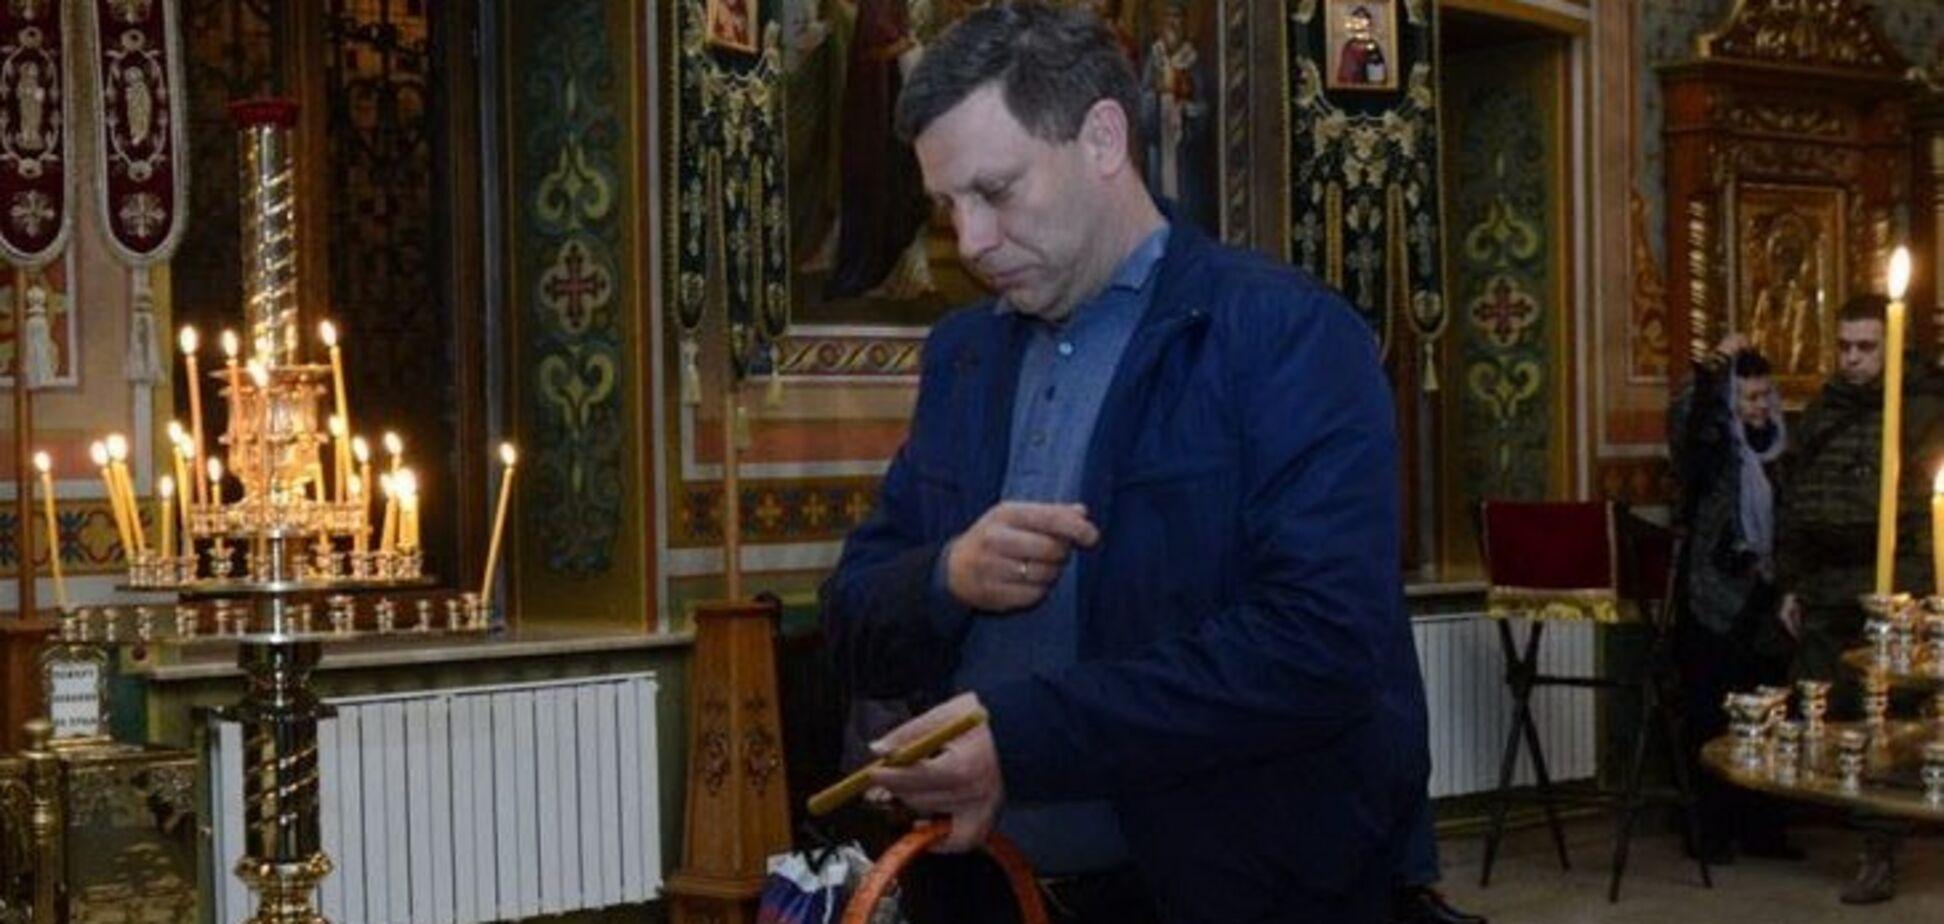 'Пришел каяться': Захарченко едко высмеяли за фото из церкви